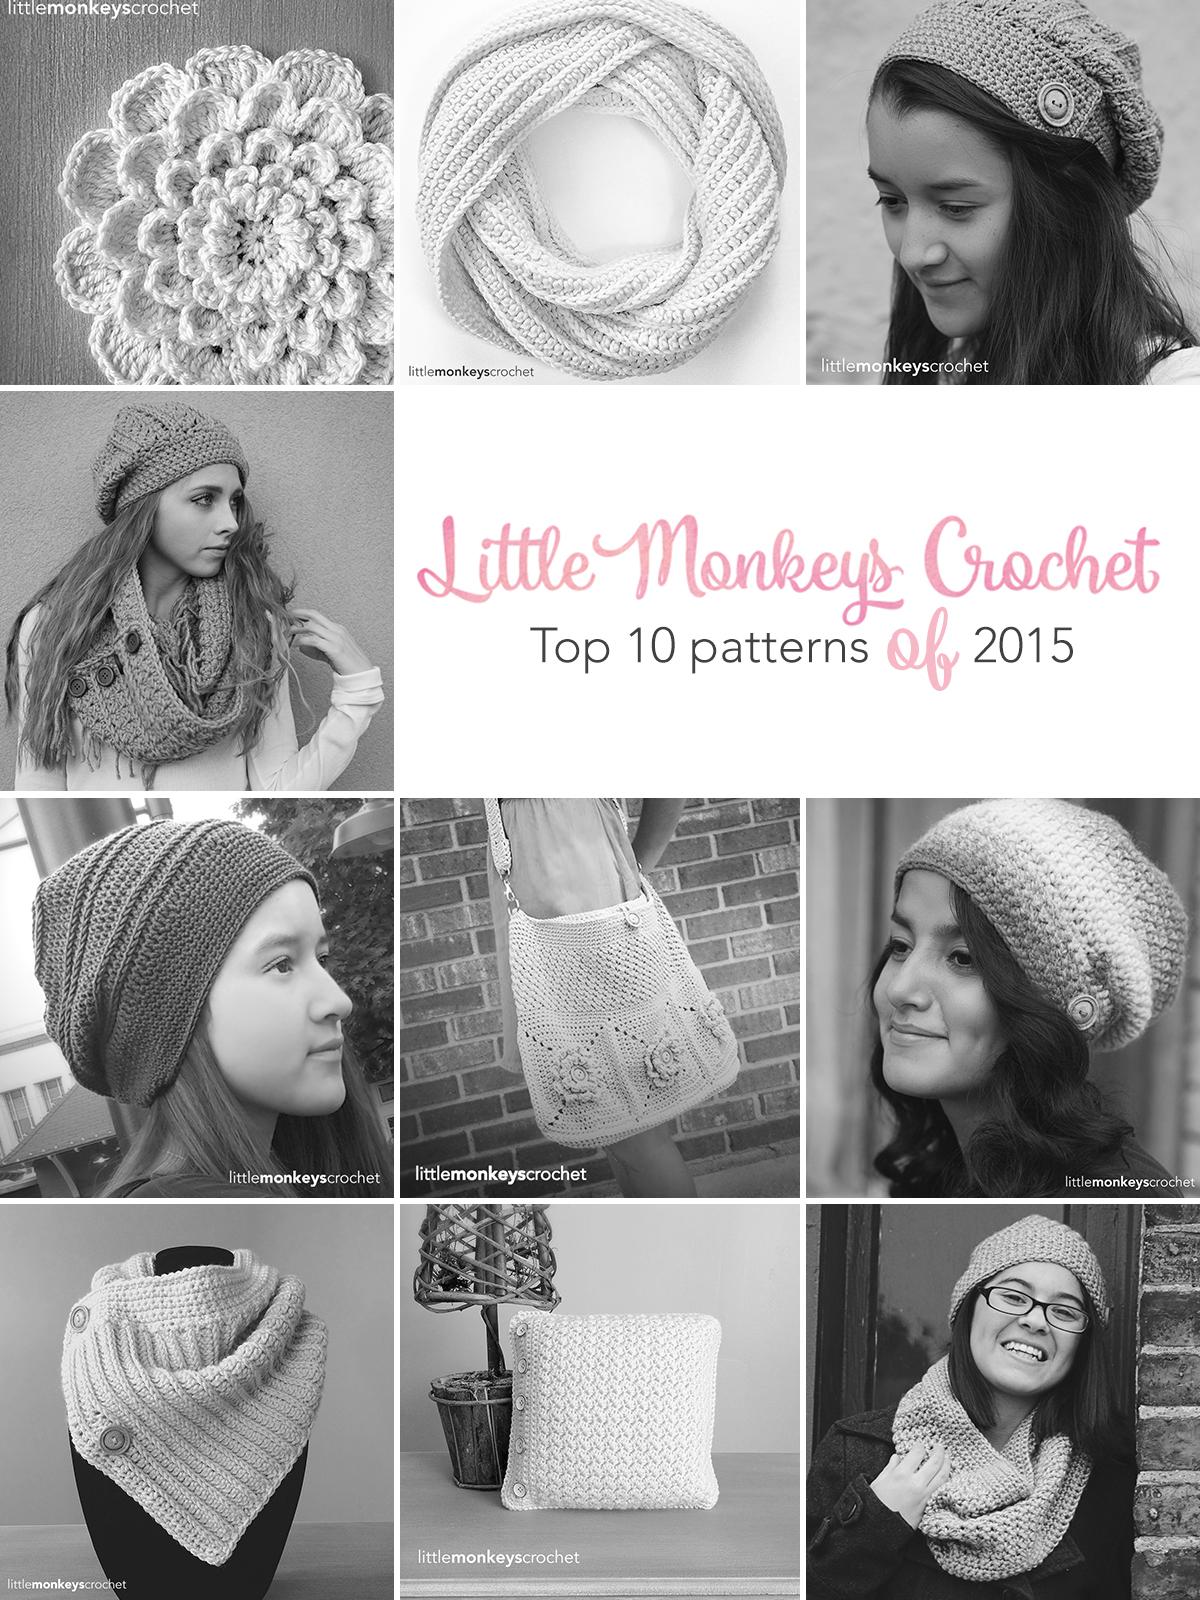 Top 10 Patterns of 2015  |  Free crochet patterns by Little Monkeys Crochet